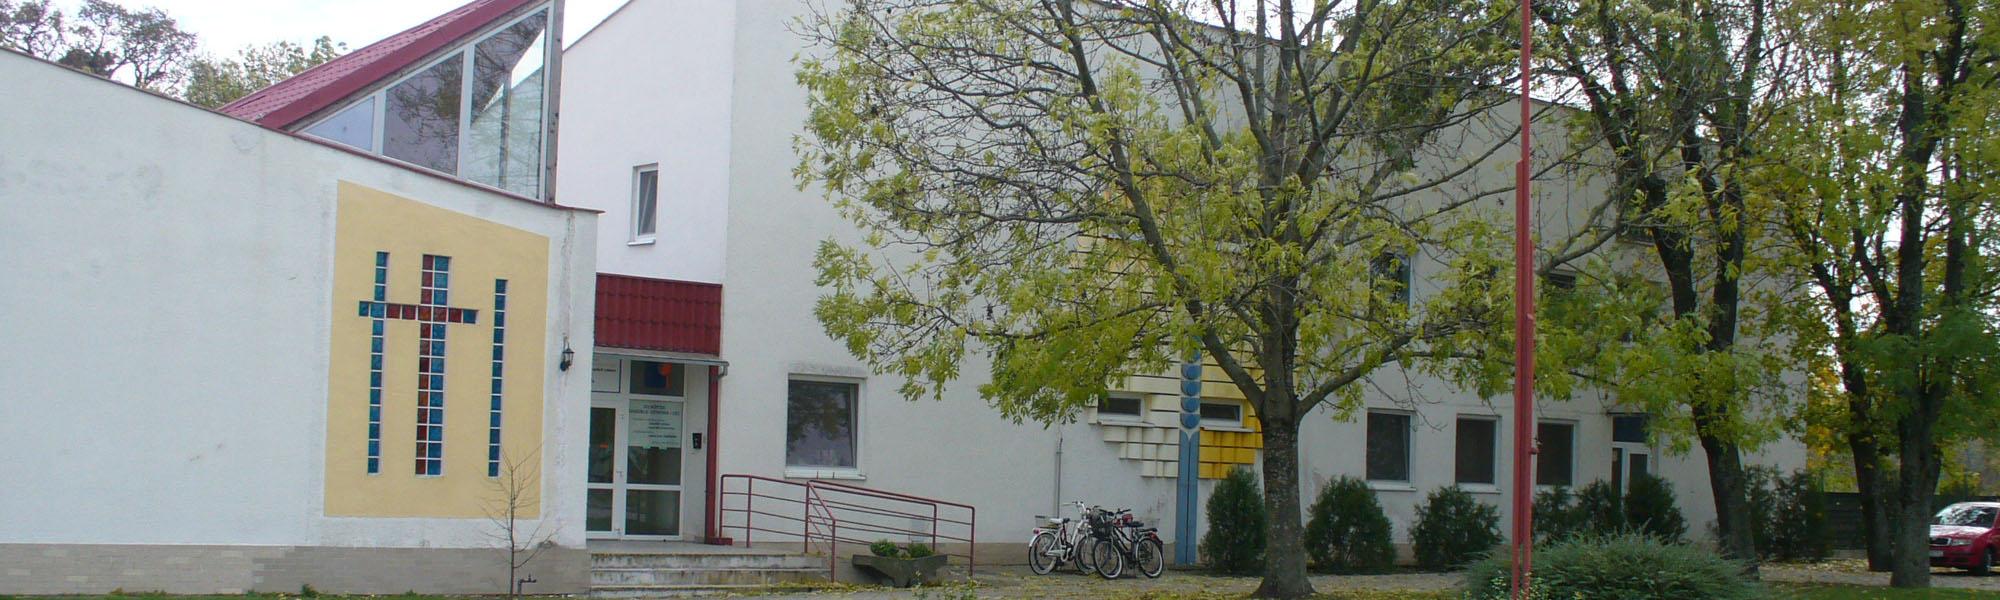 Domov sociálnych služieb pre dospelých Lehnice  - Hlavná budova